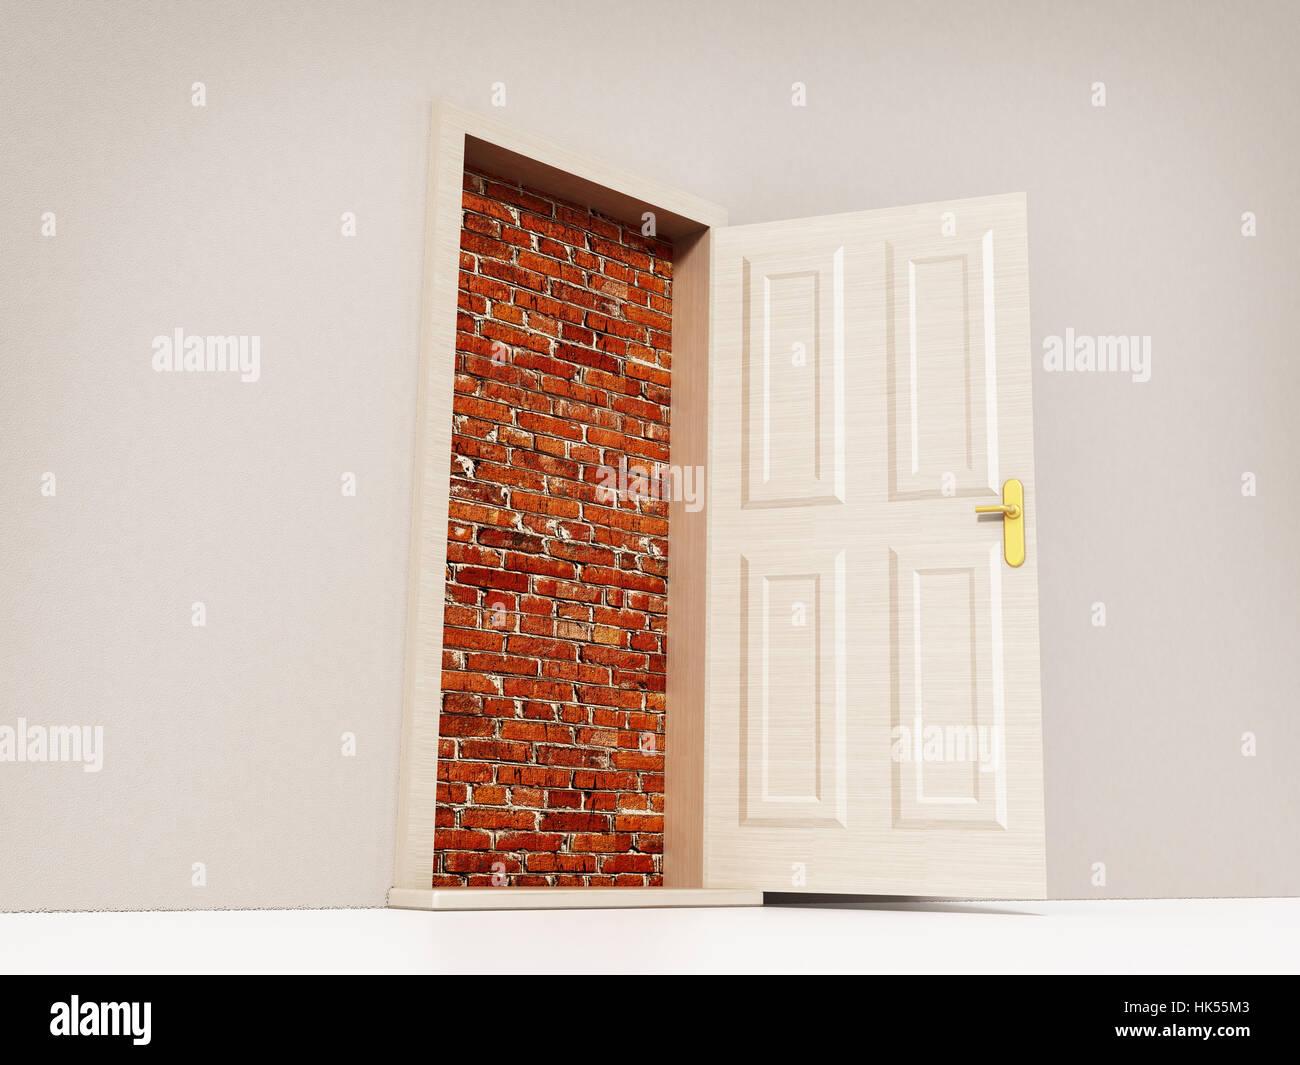 Abrir puerta que conduce a una pared de ladrillo. Ilustración 3D. Foto de stock